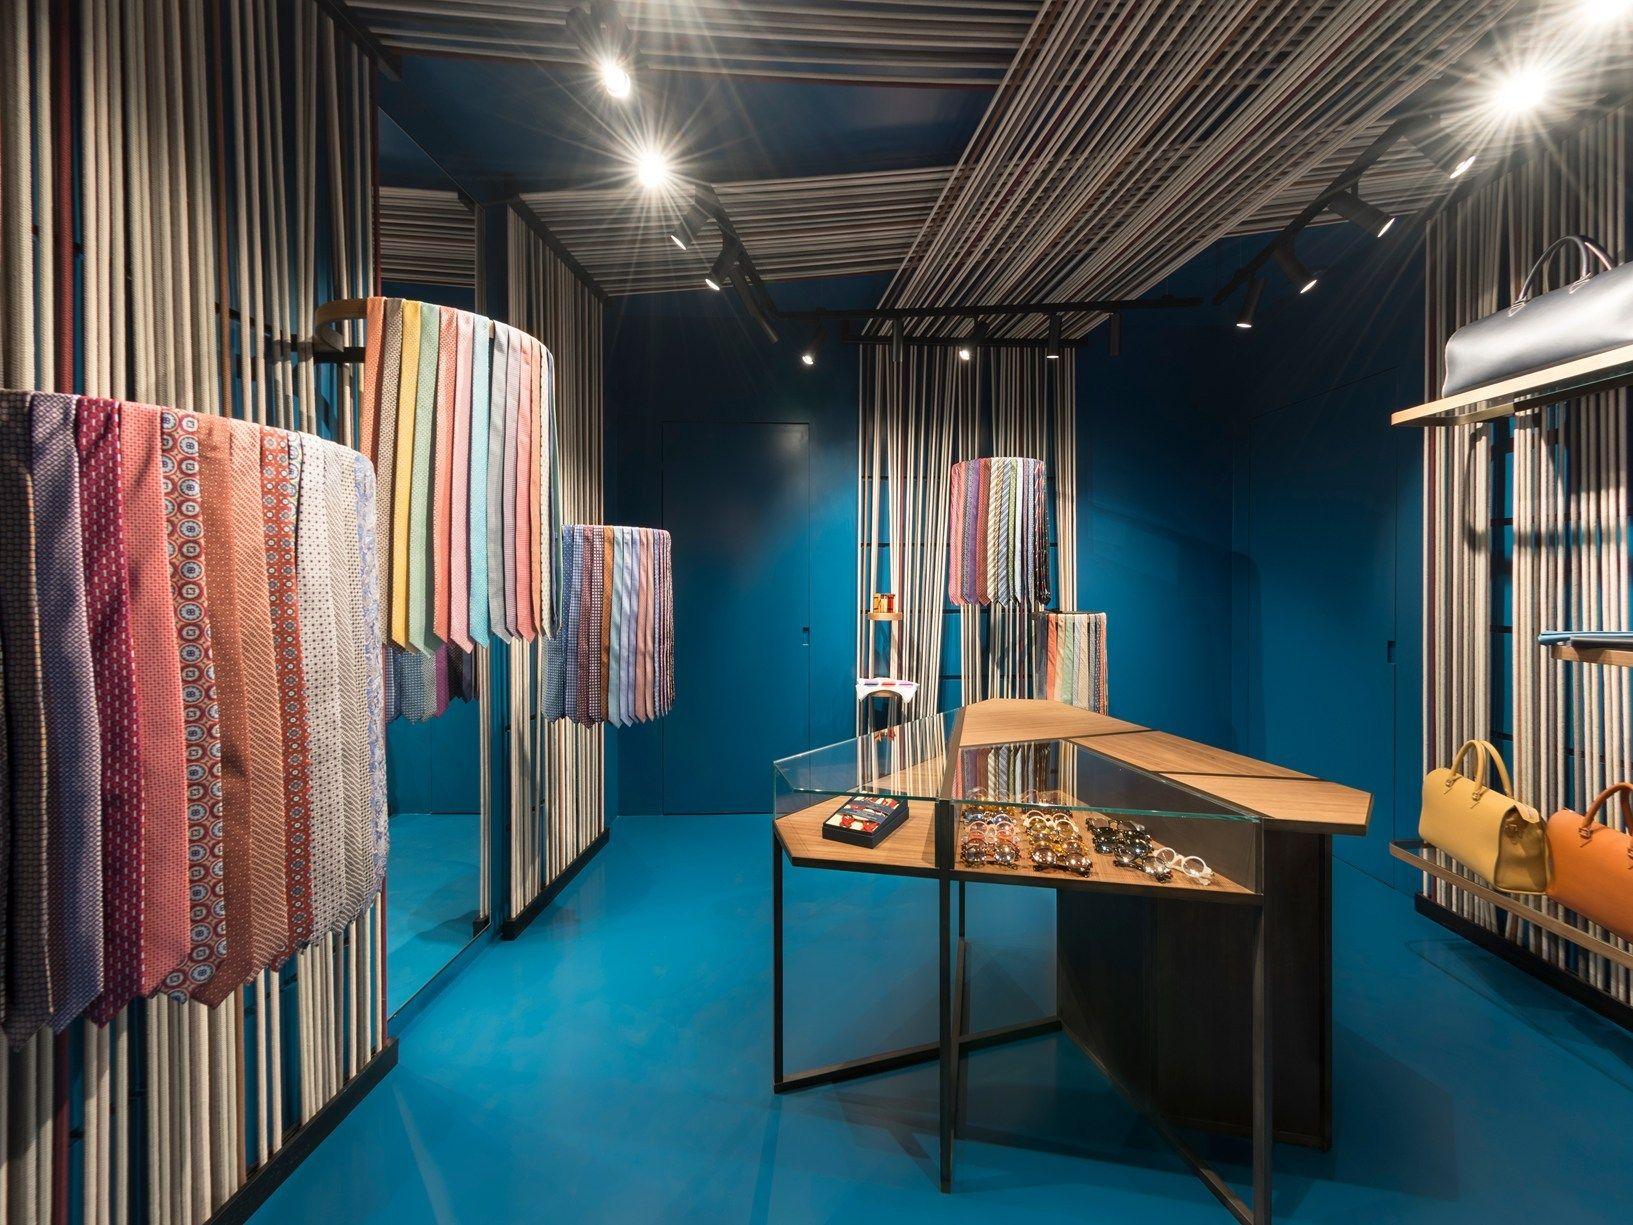 Arredamento Bianco E Corda : Masel pareti color ottanio e corde multicolor